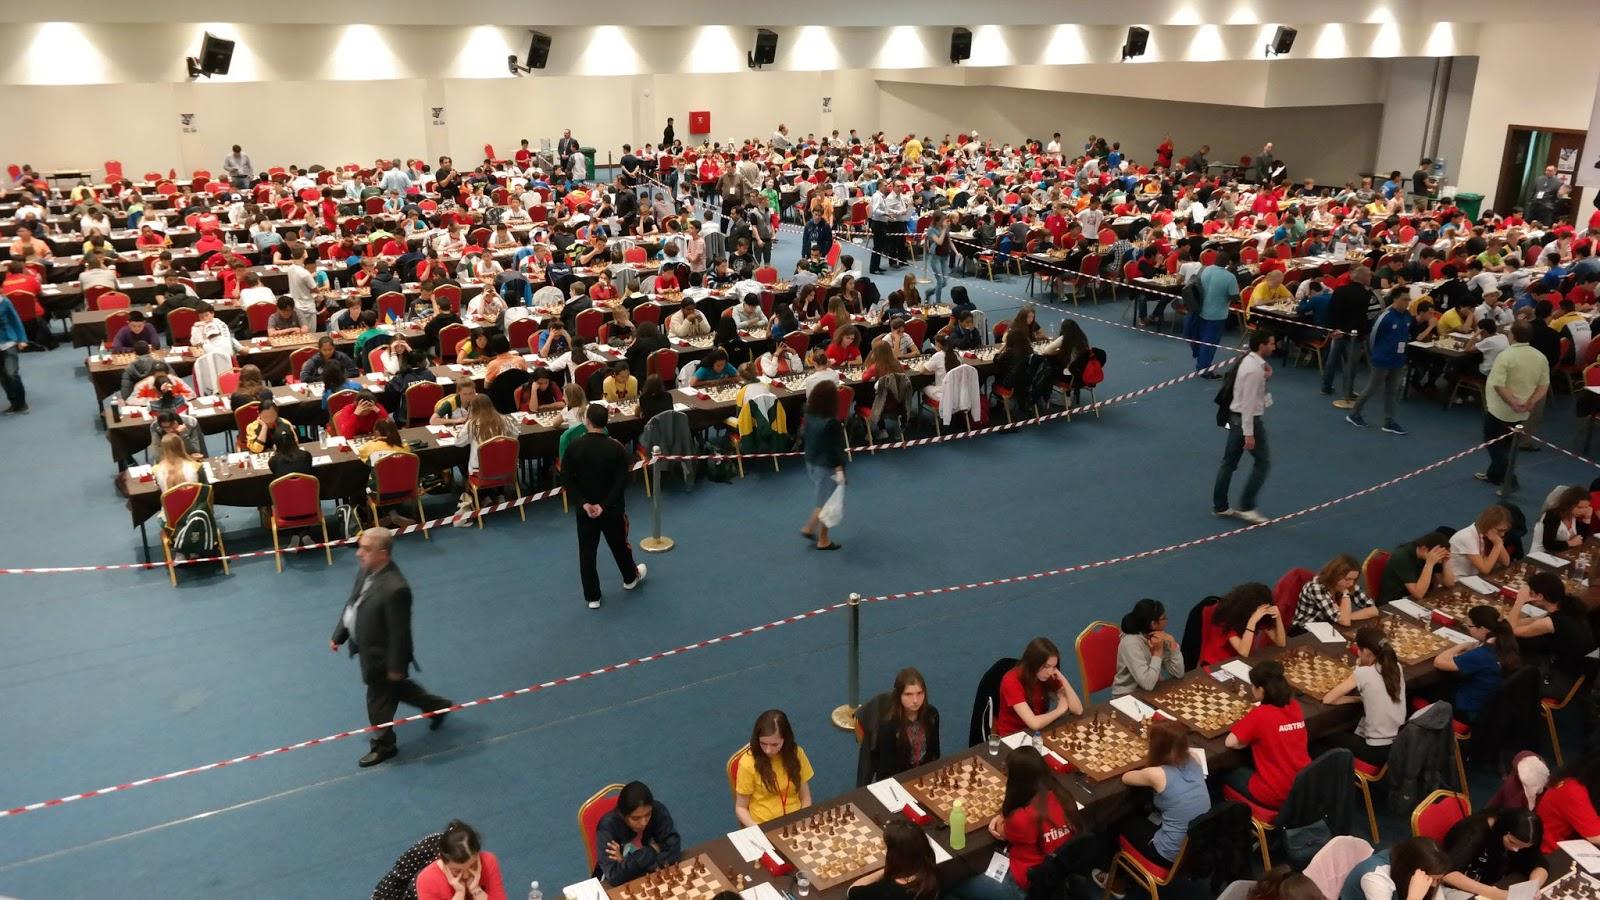 Το Παγκόσμιο Σκακιστικό Πρωτάθλημα Νέων 2018 στο Πόρτο Καρράς, 16 με 31 Οκτωβρίου!